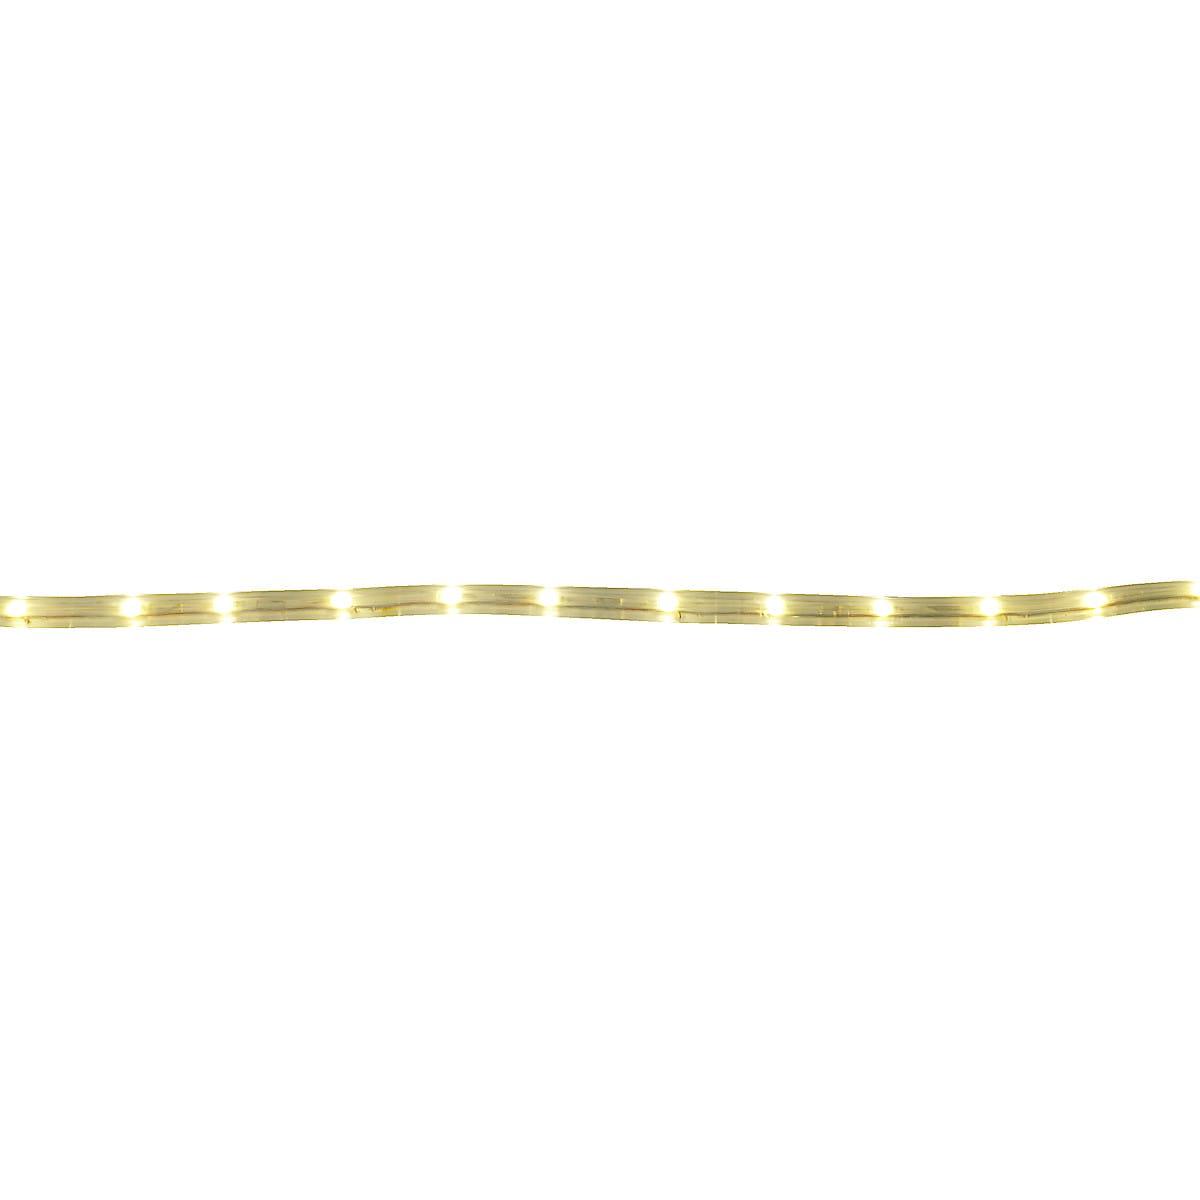 12 V Miniflex LED-sett